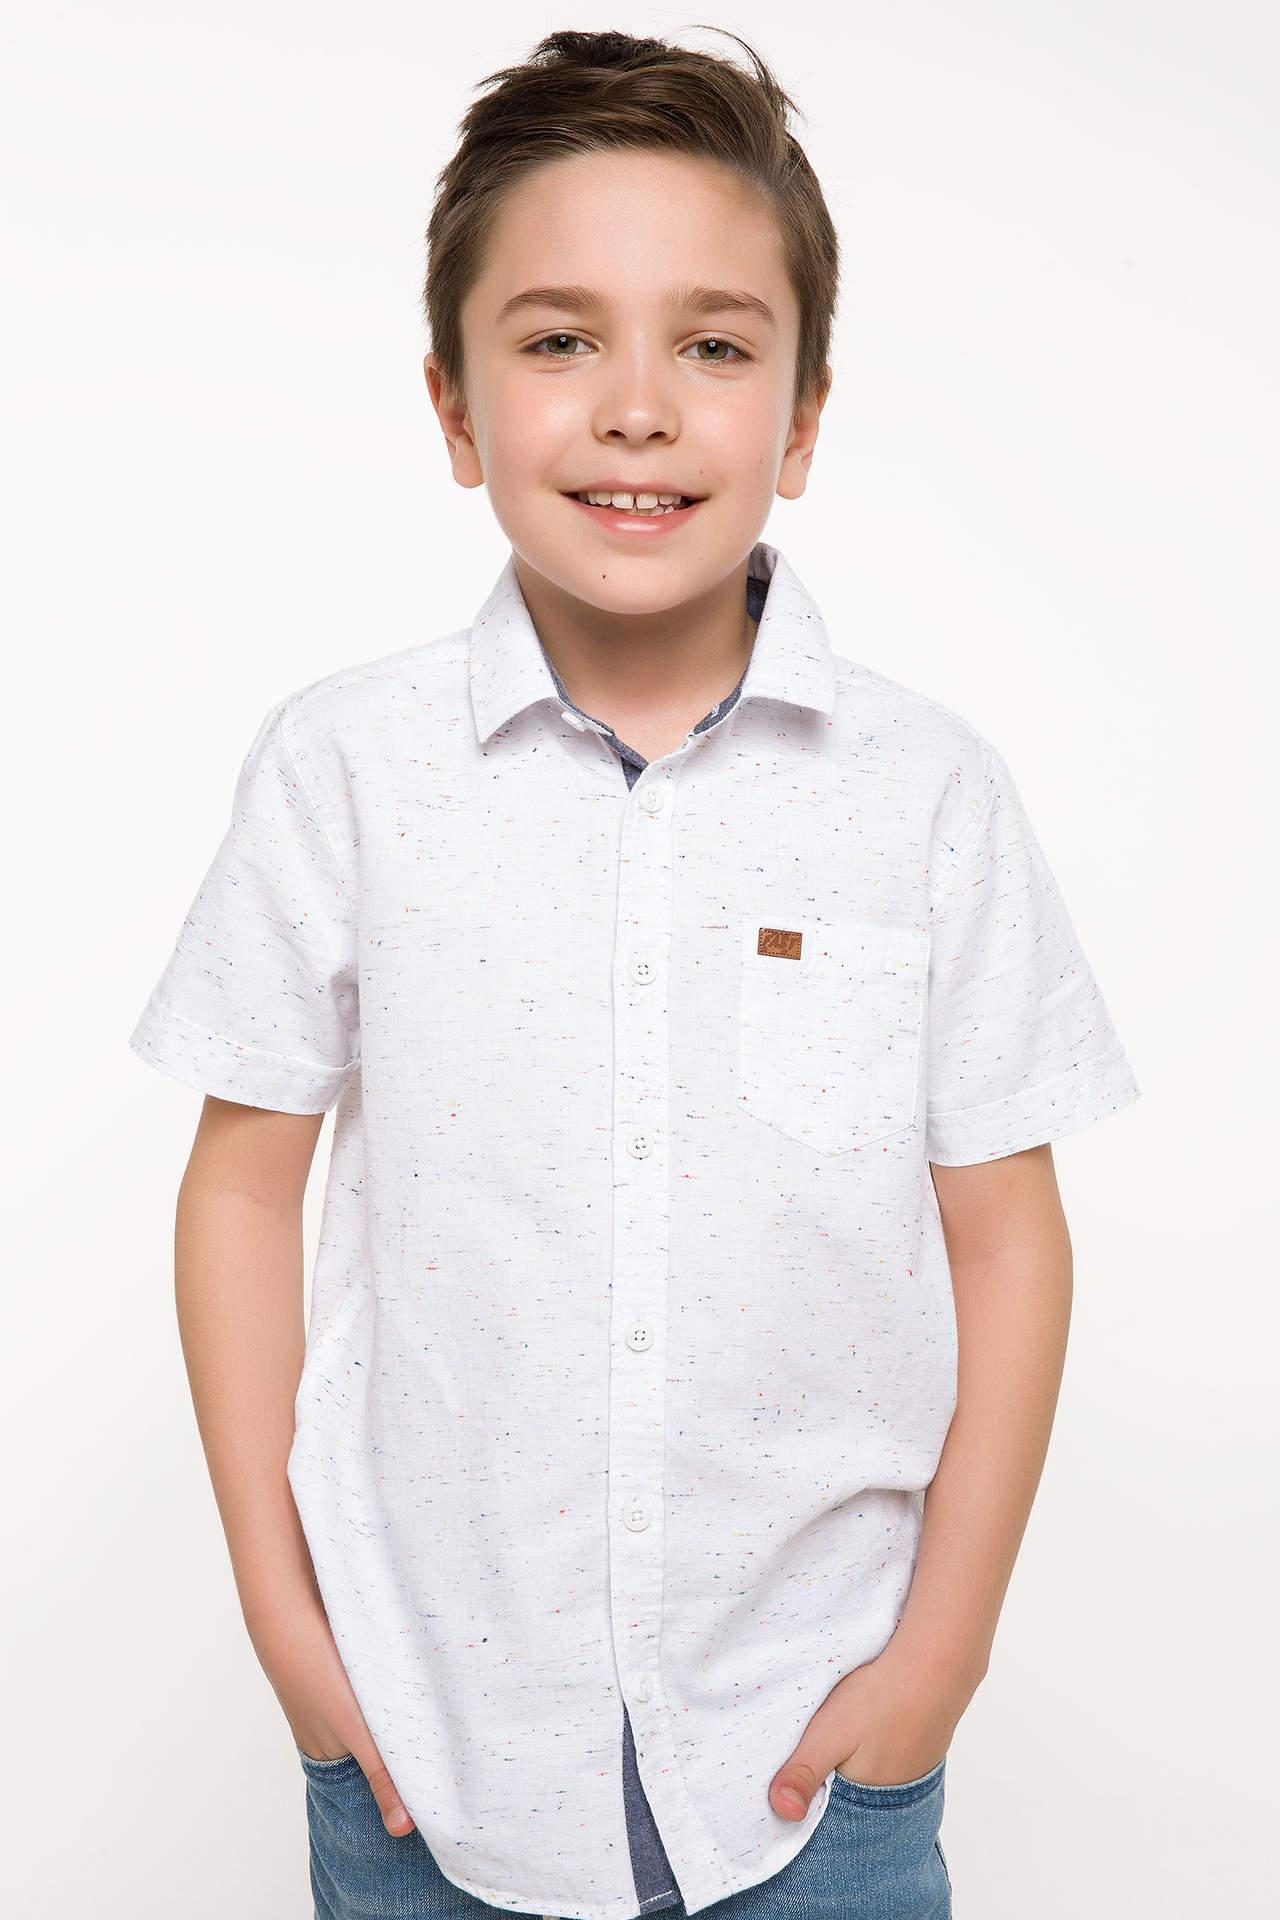 DeFacto Erkek Çocuk Tek Cep Kısa Kollu Gömlek Beyaz male